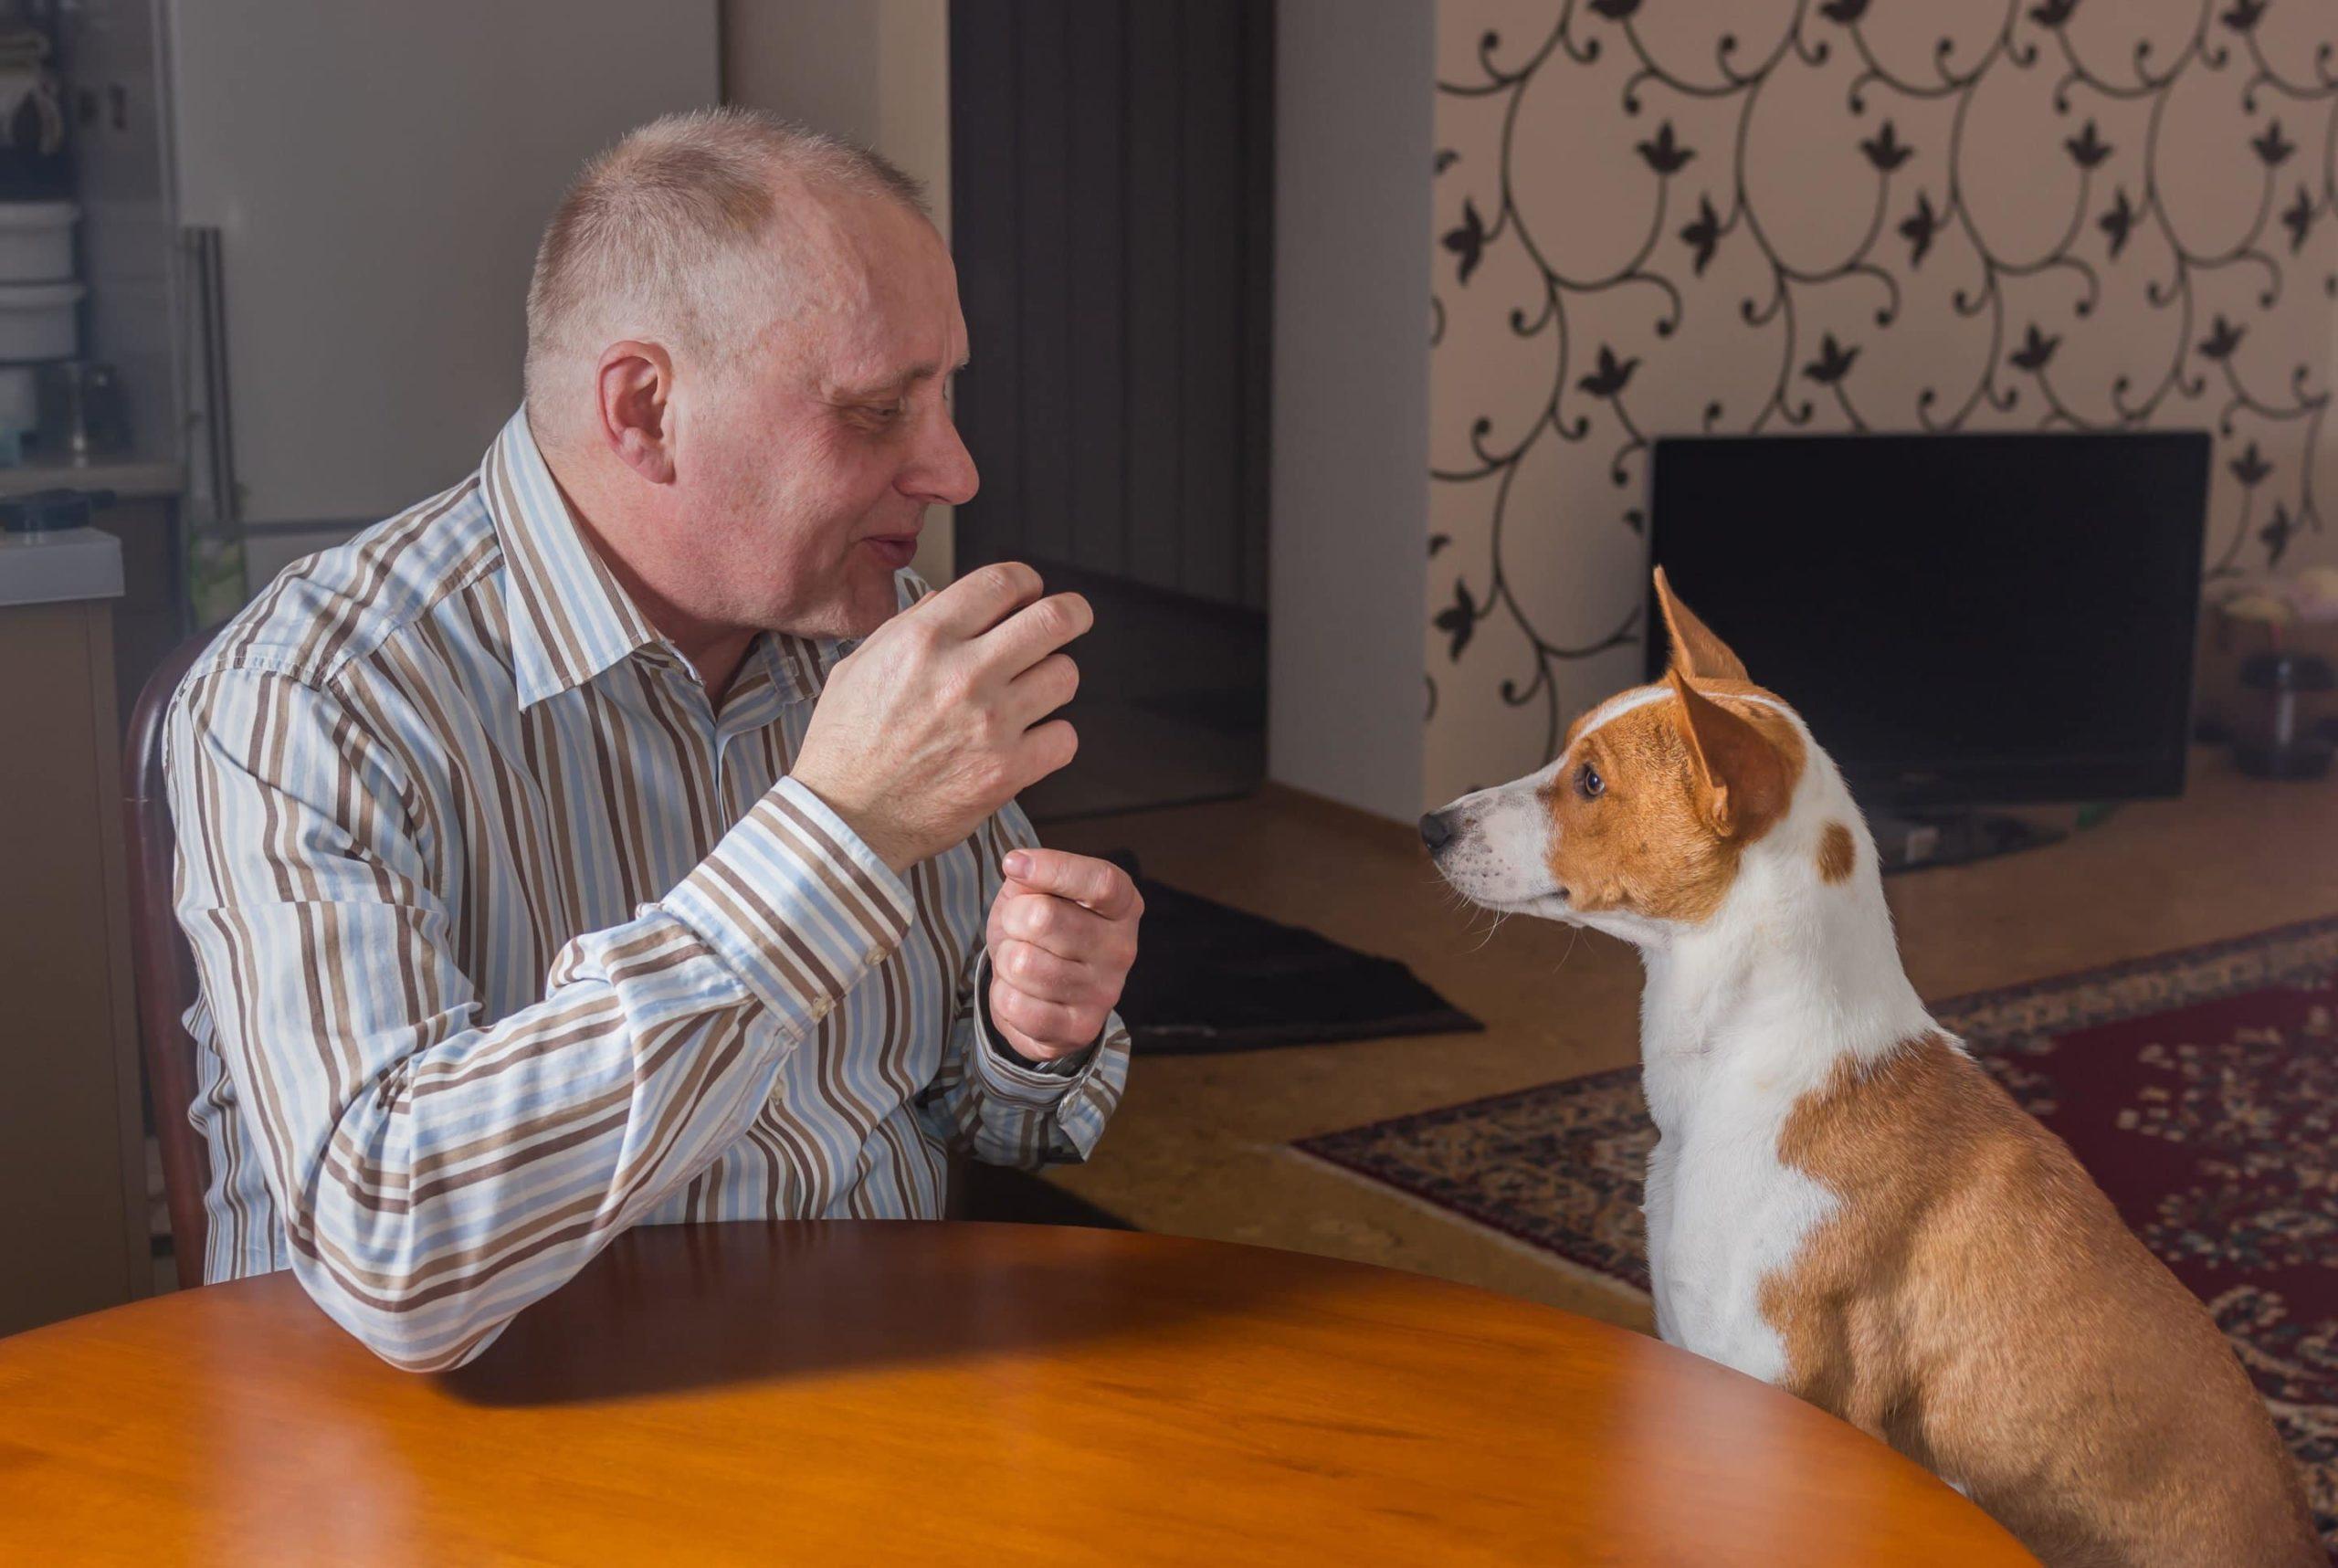 Comment faut-il parler à son chien ?